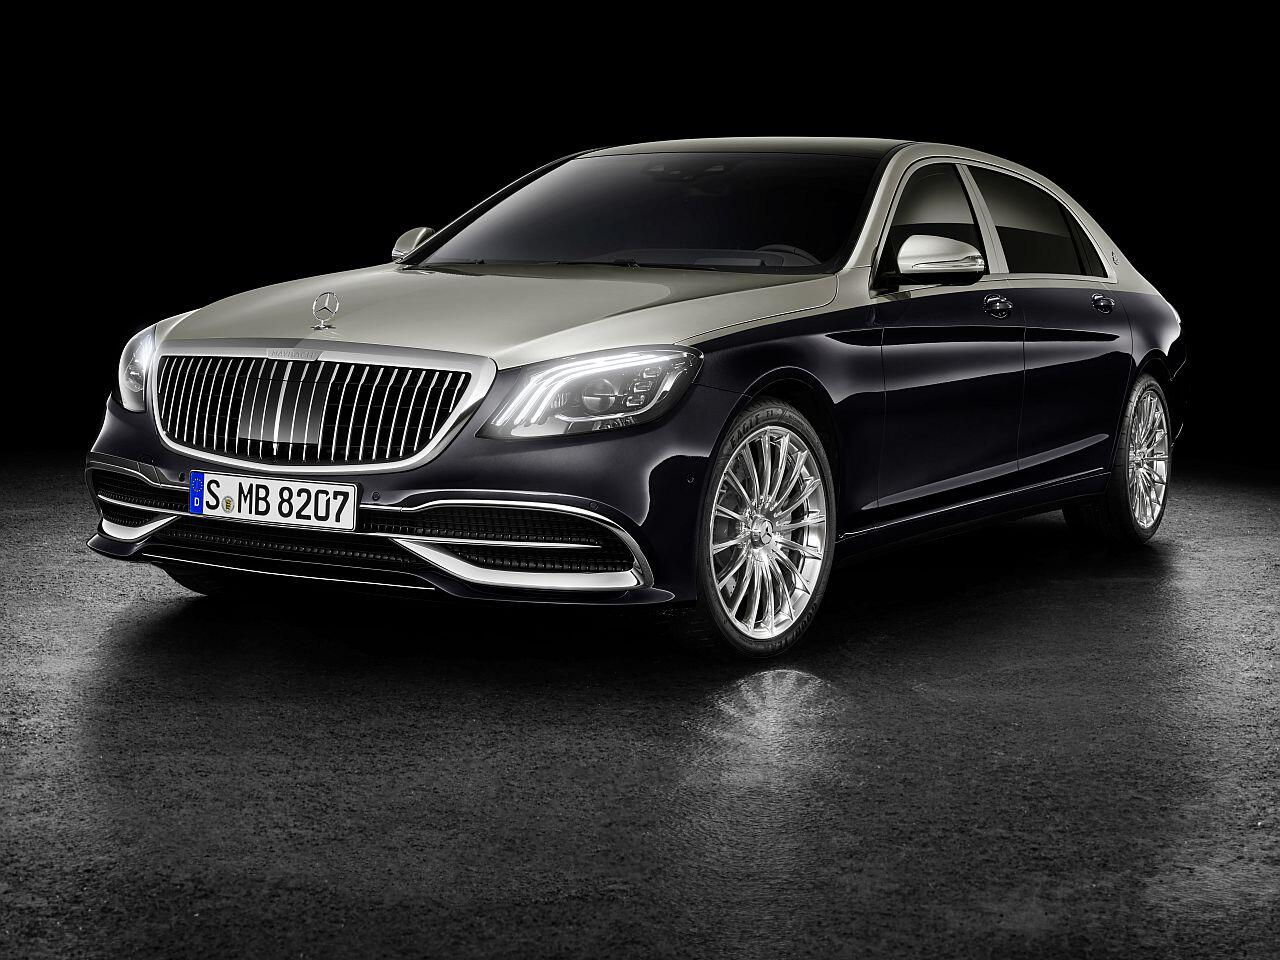 mercedes-maybach s-klasse facelift: die luxuslimousine wird noch